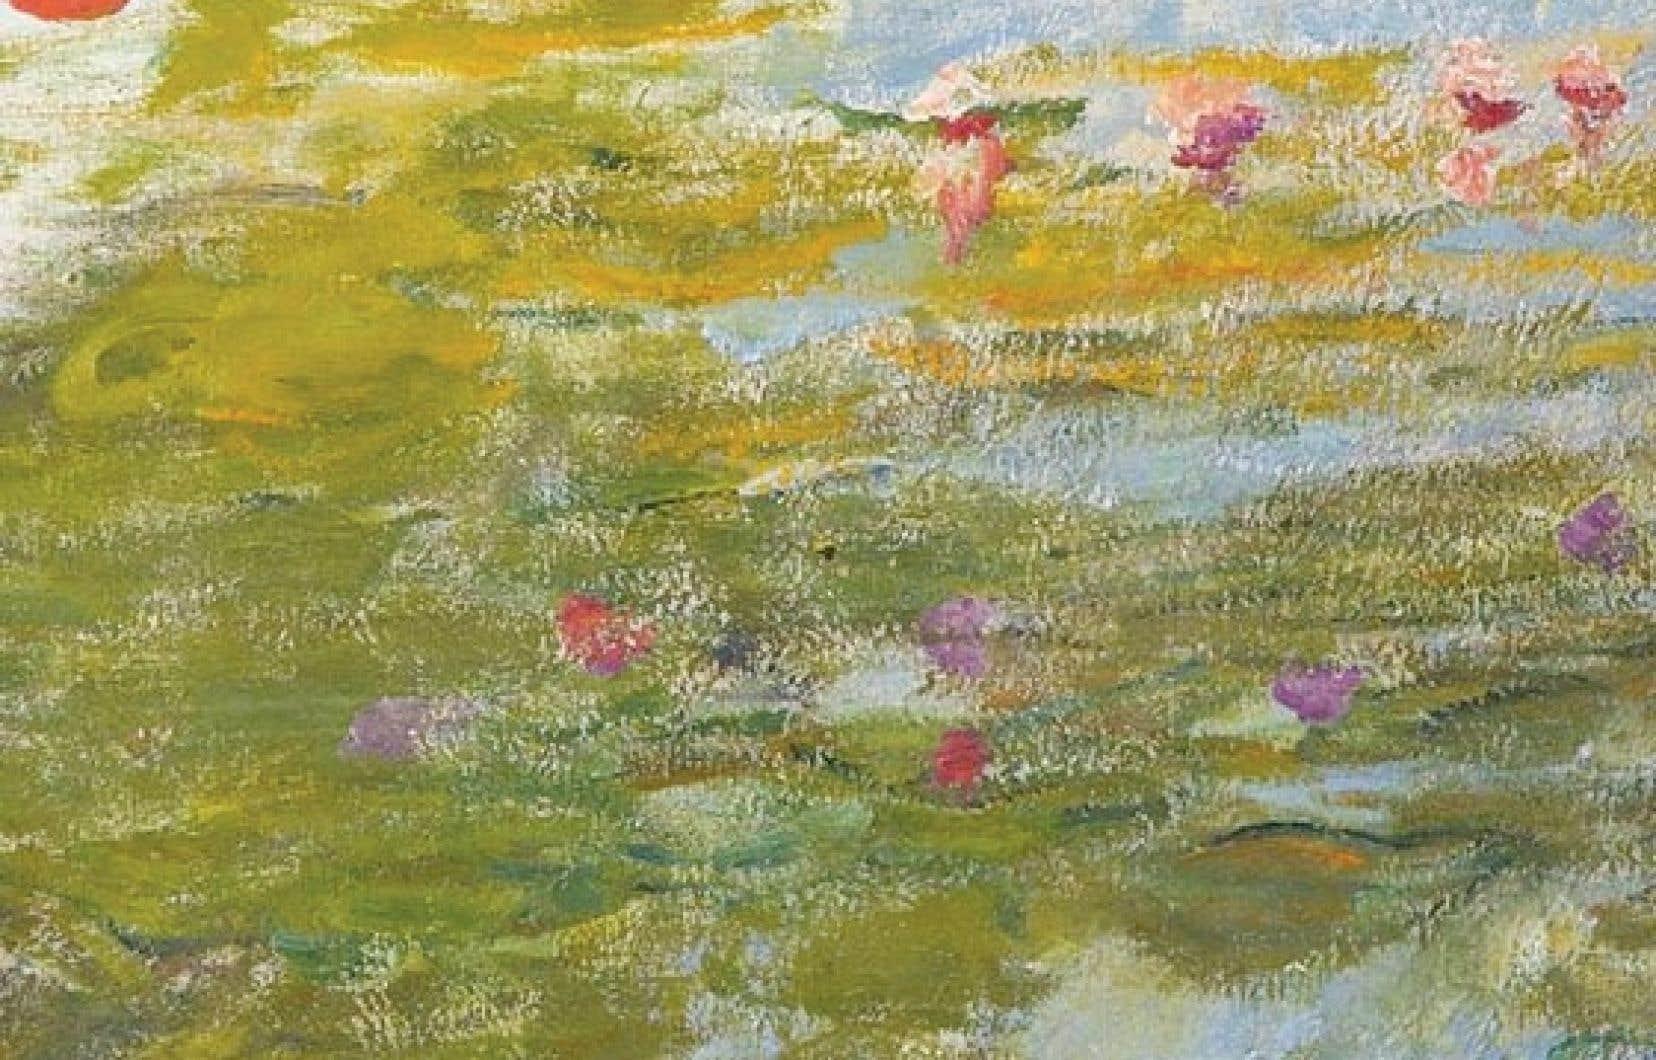 Détail de l'œuvre Fragment de nymphéas (1915), de Claude Monet, en vente à 2,5 millions de dollars.